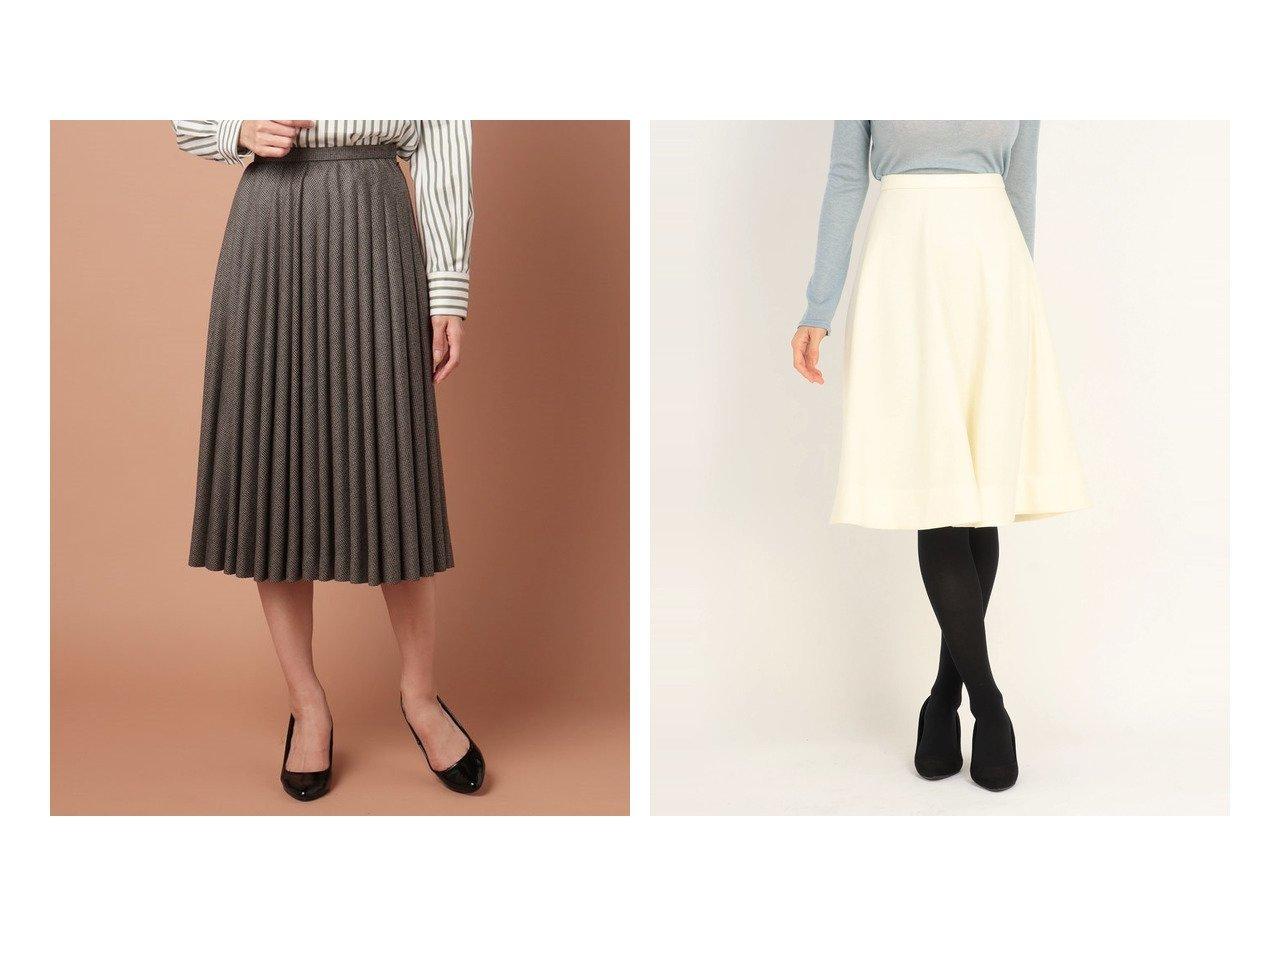 【OLD ENGLAND/オールド イングランド】のチェックフラノスカート&【UNIVERVAL MUSE/ユニバーバル ミューズ】のレーヌ天竺 スカート スカートのおすすめ!人気トレンド・レディースファッションの通販 おすすめファッション通販アイテム インテリア・キッズ・メンズ・レディースファッション・服の通販 founy(ファニー)  ファッション Fashion レディース WOMEN スカート Skirt プリーツスカート Pleated Skirts Aライン/フレアスカート Flared A-Line Skirts チェック ドレープ プリーツ ウォーム ギャザー シンプル フレア リブニット 人気 グレー系 Gray ブラウン系 Brown グリーン系 Green ホワイト系 White ブラック系 Black レッド系 Red |ID:crp329100000006777